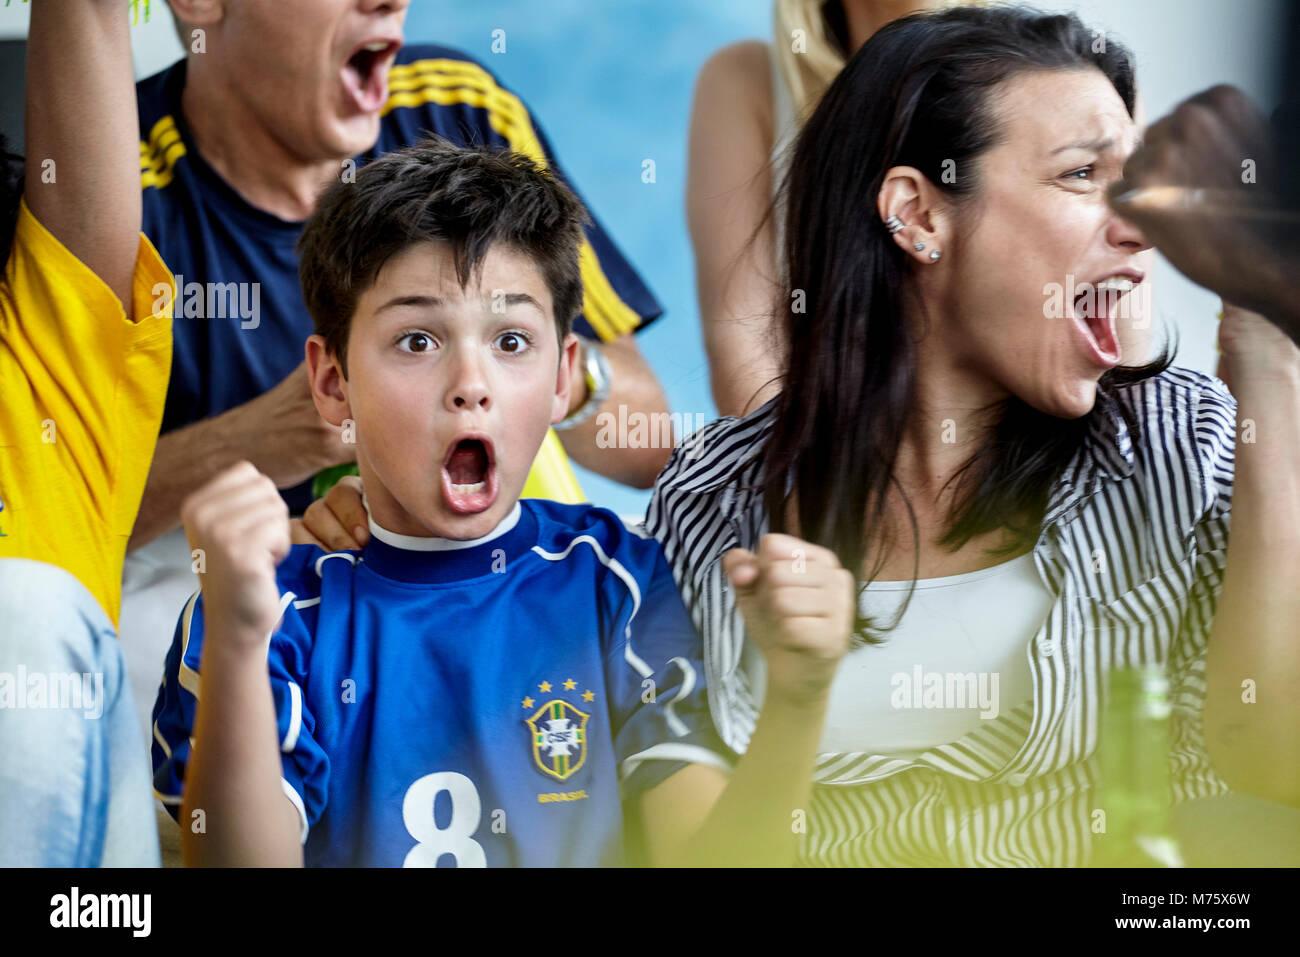 Brasilianischen Fußball-Fans Sieg zu Hause feiern. Stockbild